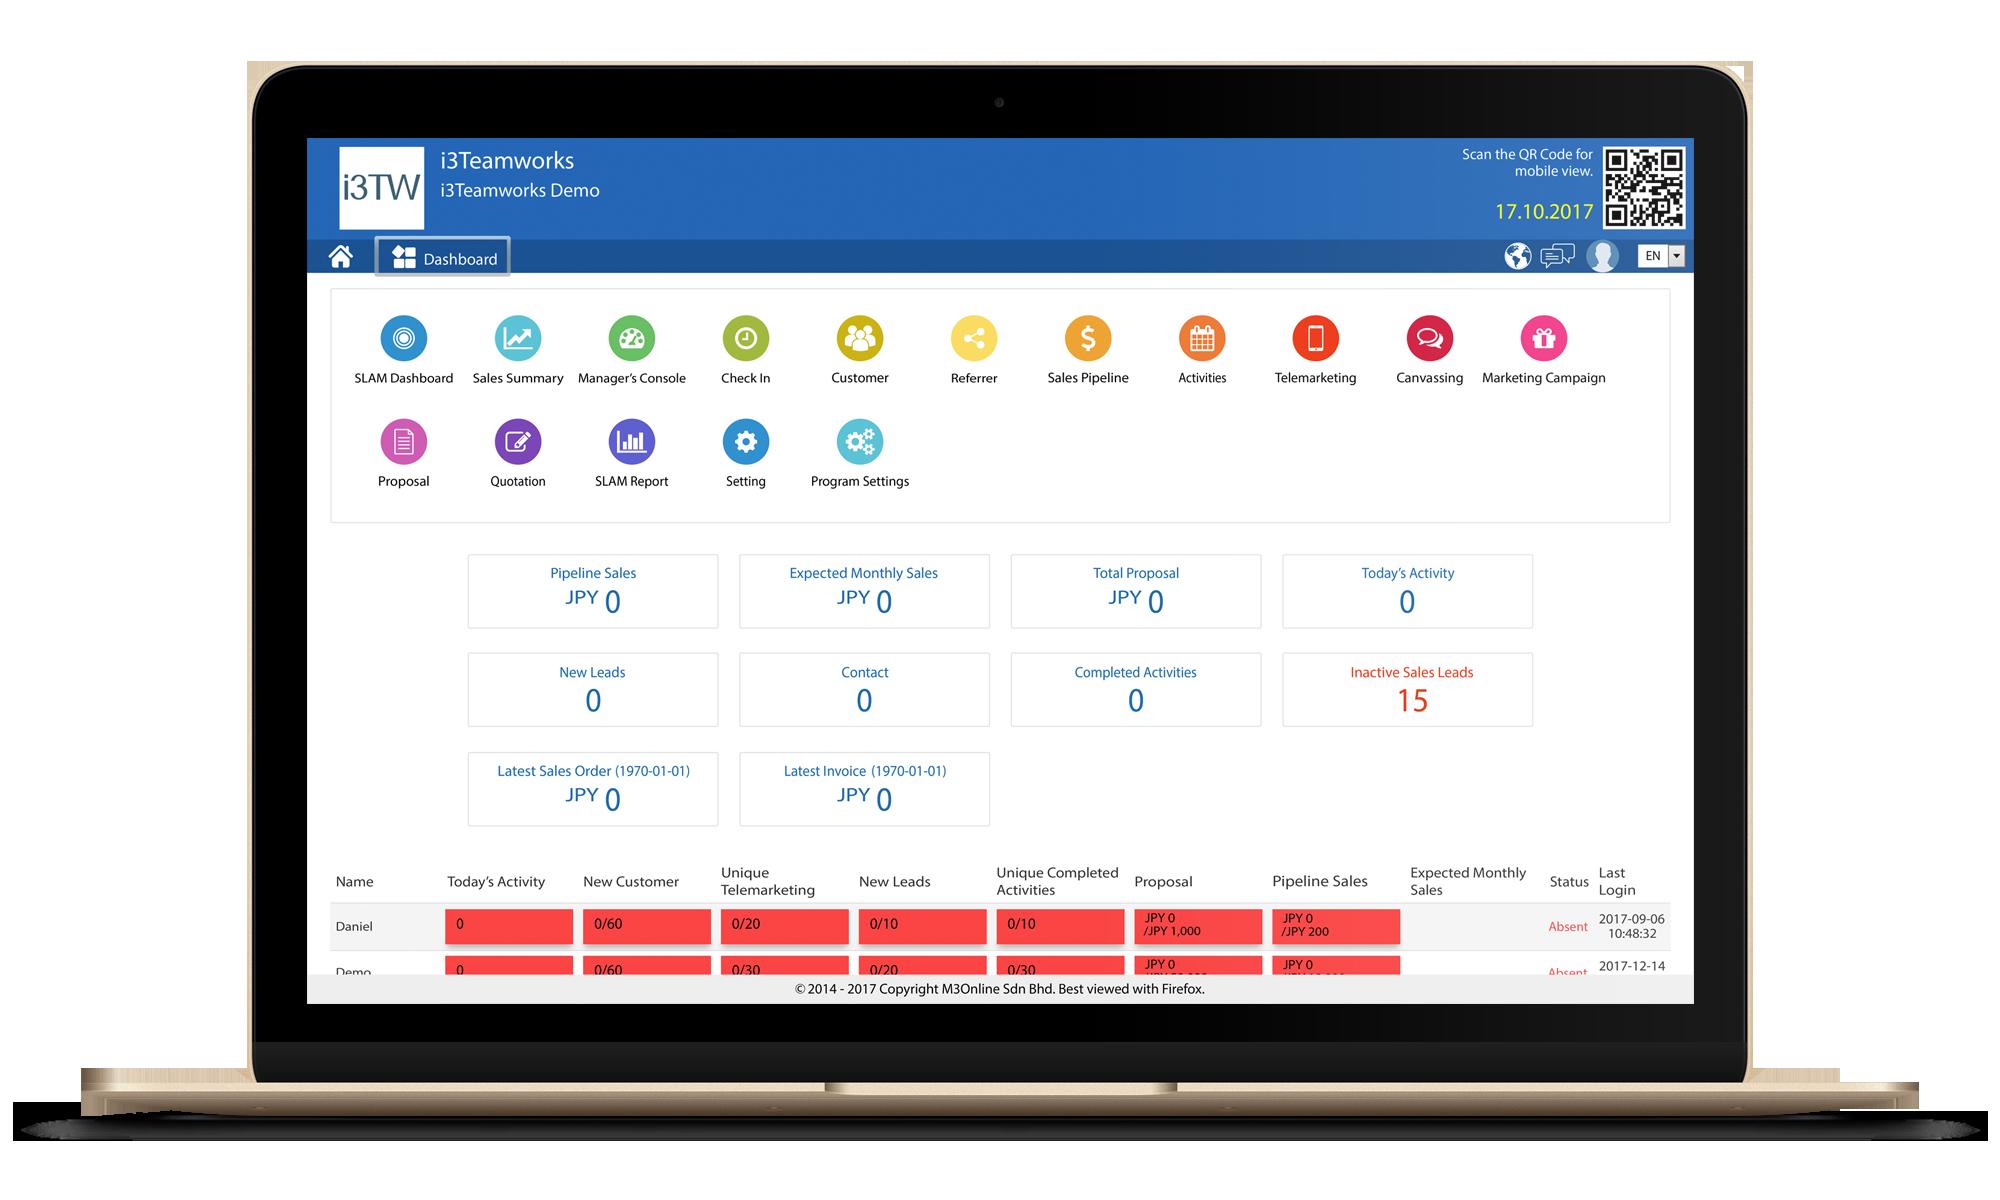 Sales Lead & Activity Management Module